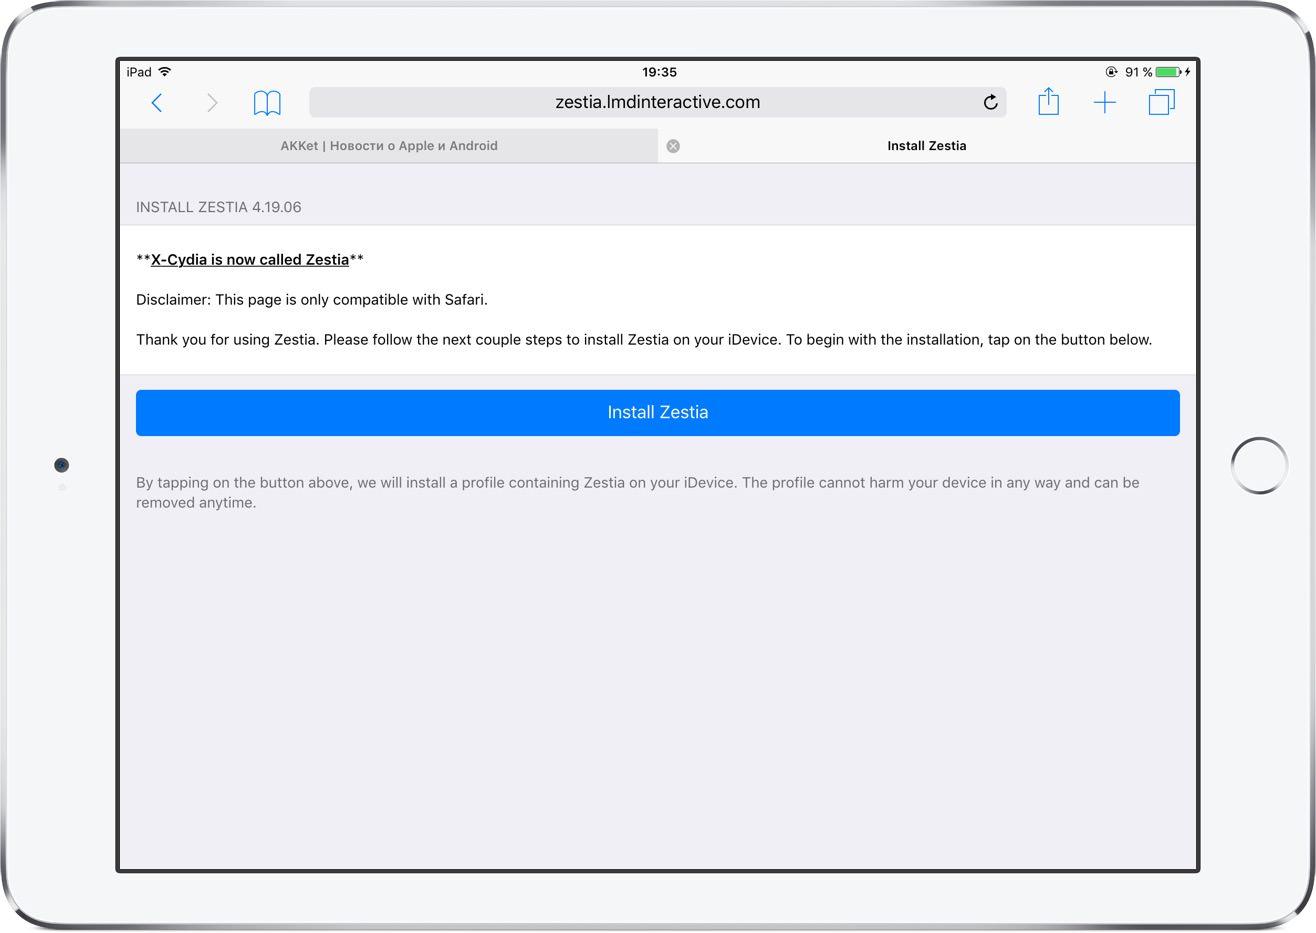 Zestia iOS 10